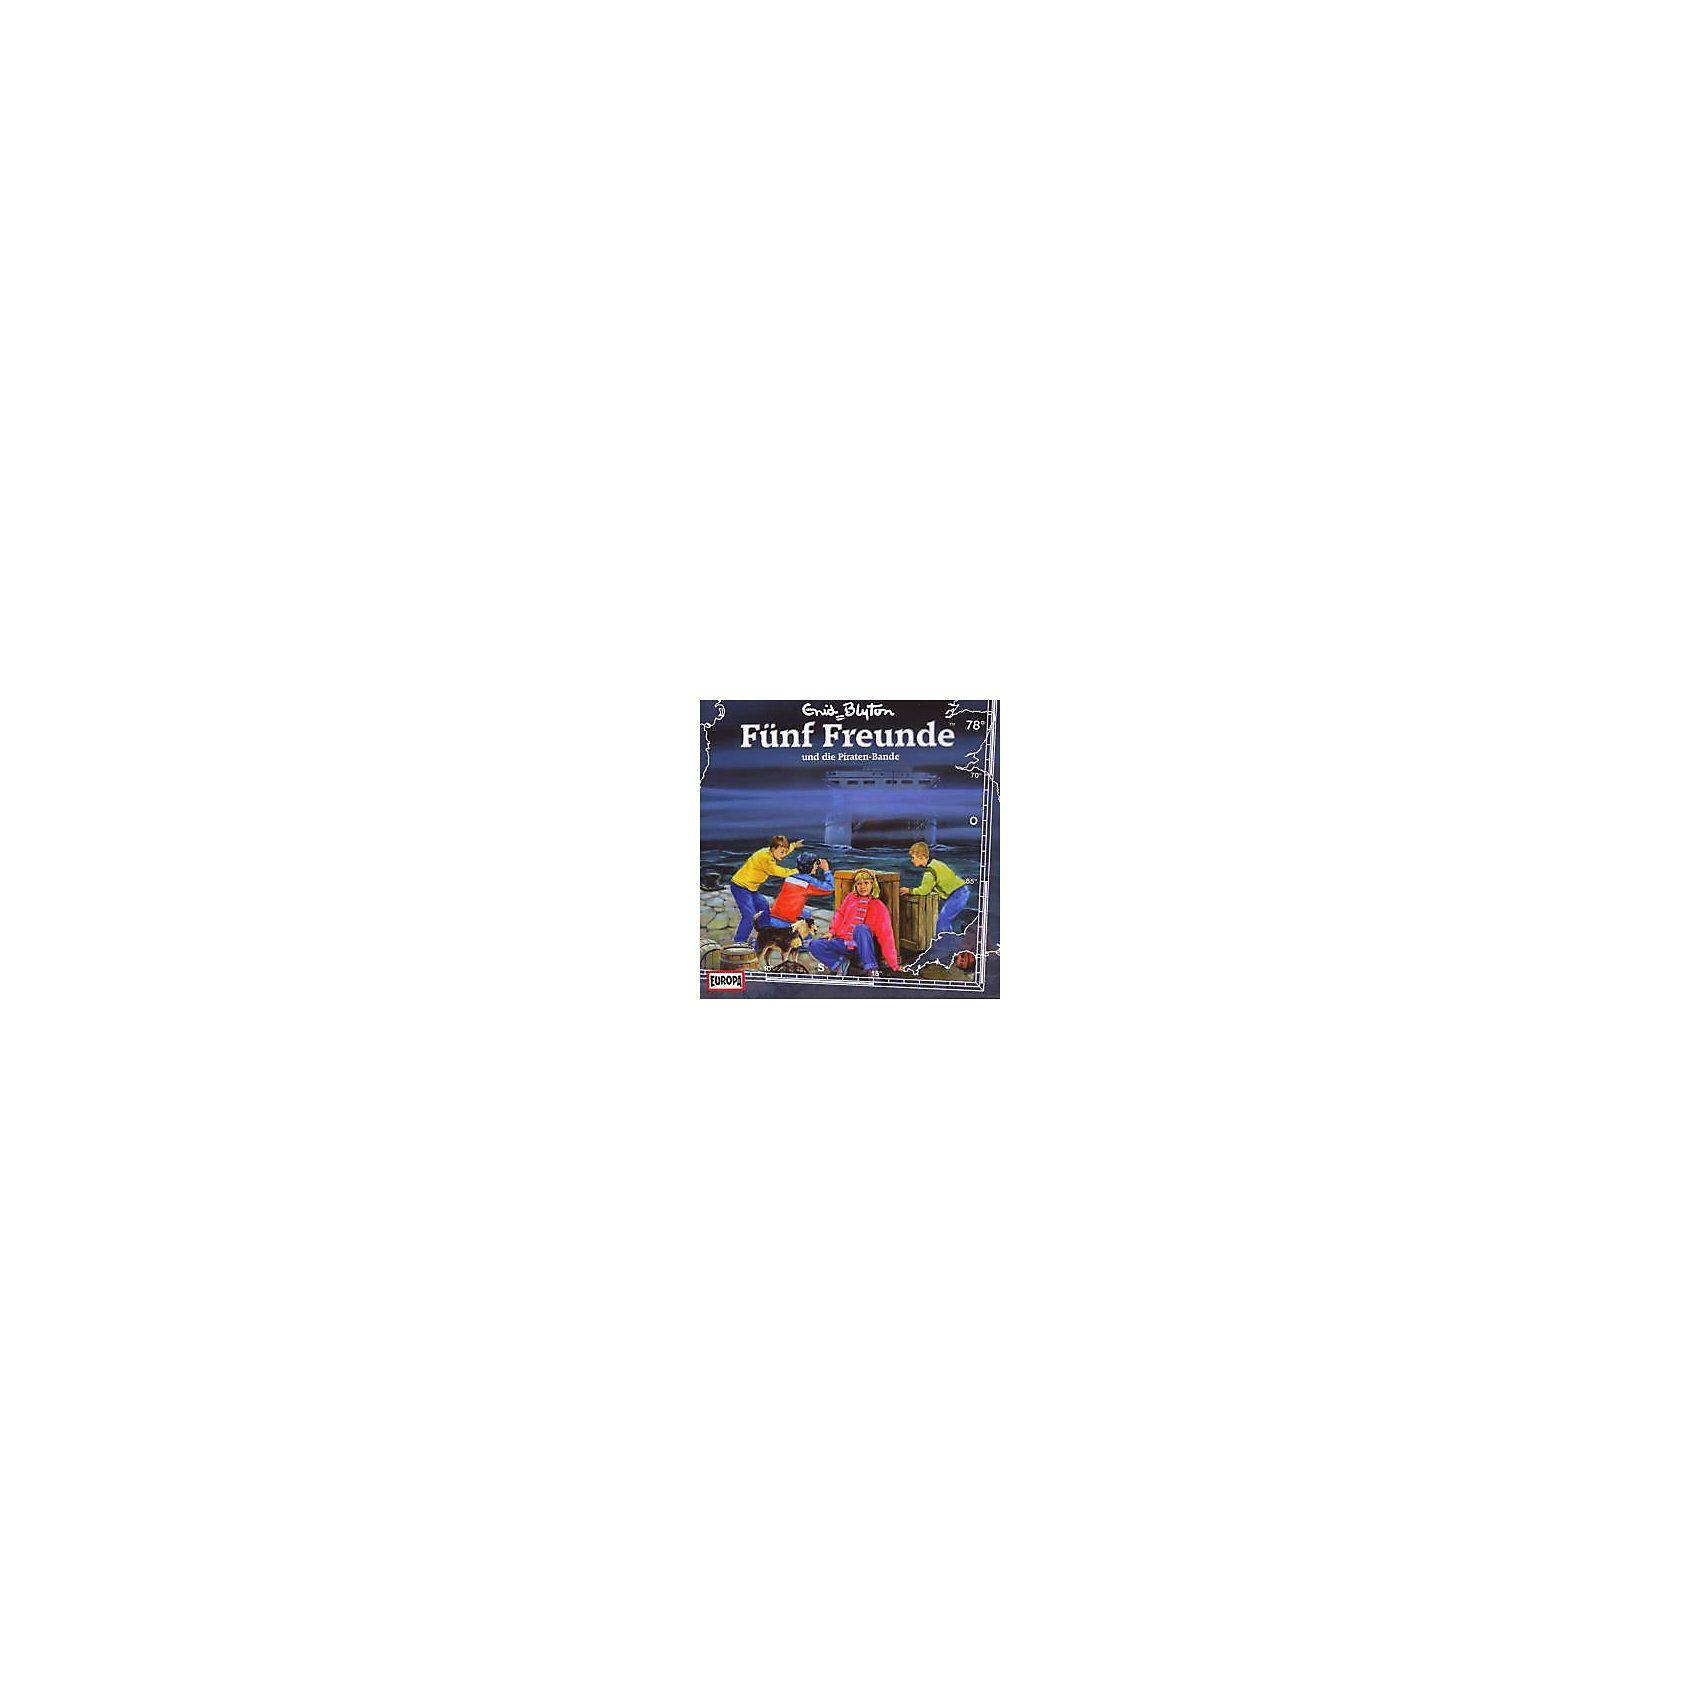 Sony CD Fünf Freunde 78: Und die Piraten Bande